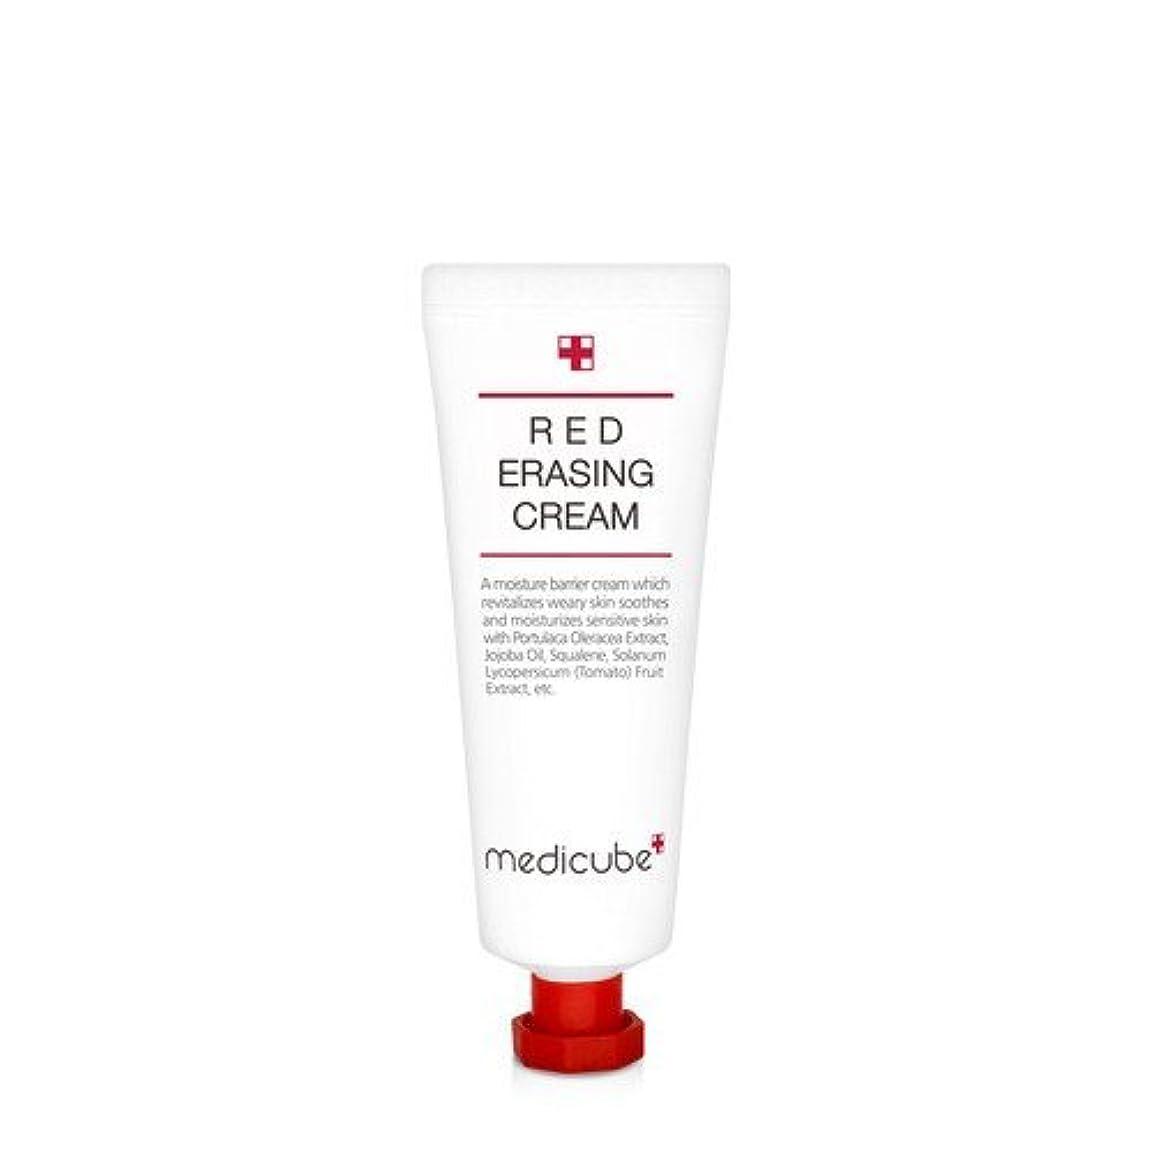 浸透する絶妙麻痺させる[Medicube]Red Erasing Cream 50g / メディキューブレッドイレイジングクリーム / 正品?海外直送商品 [並行輸入品]